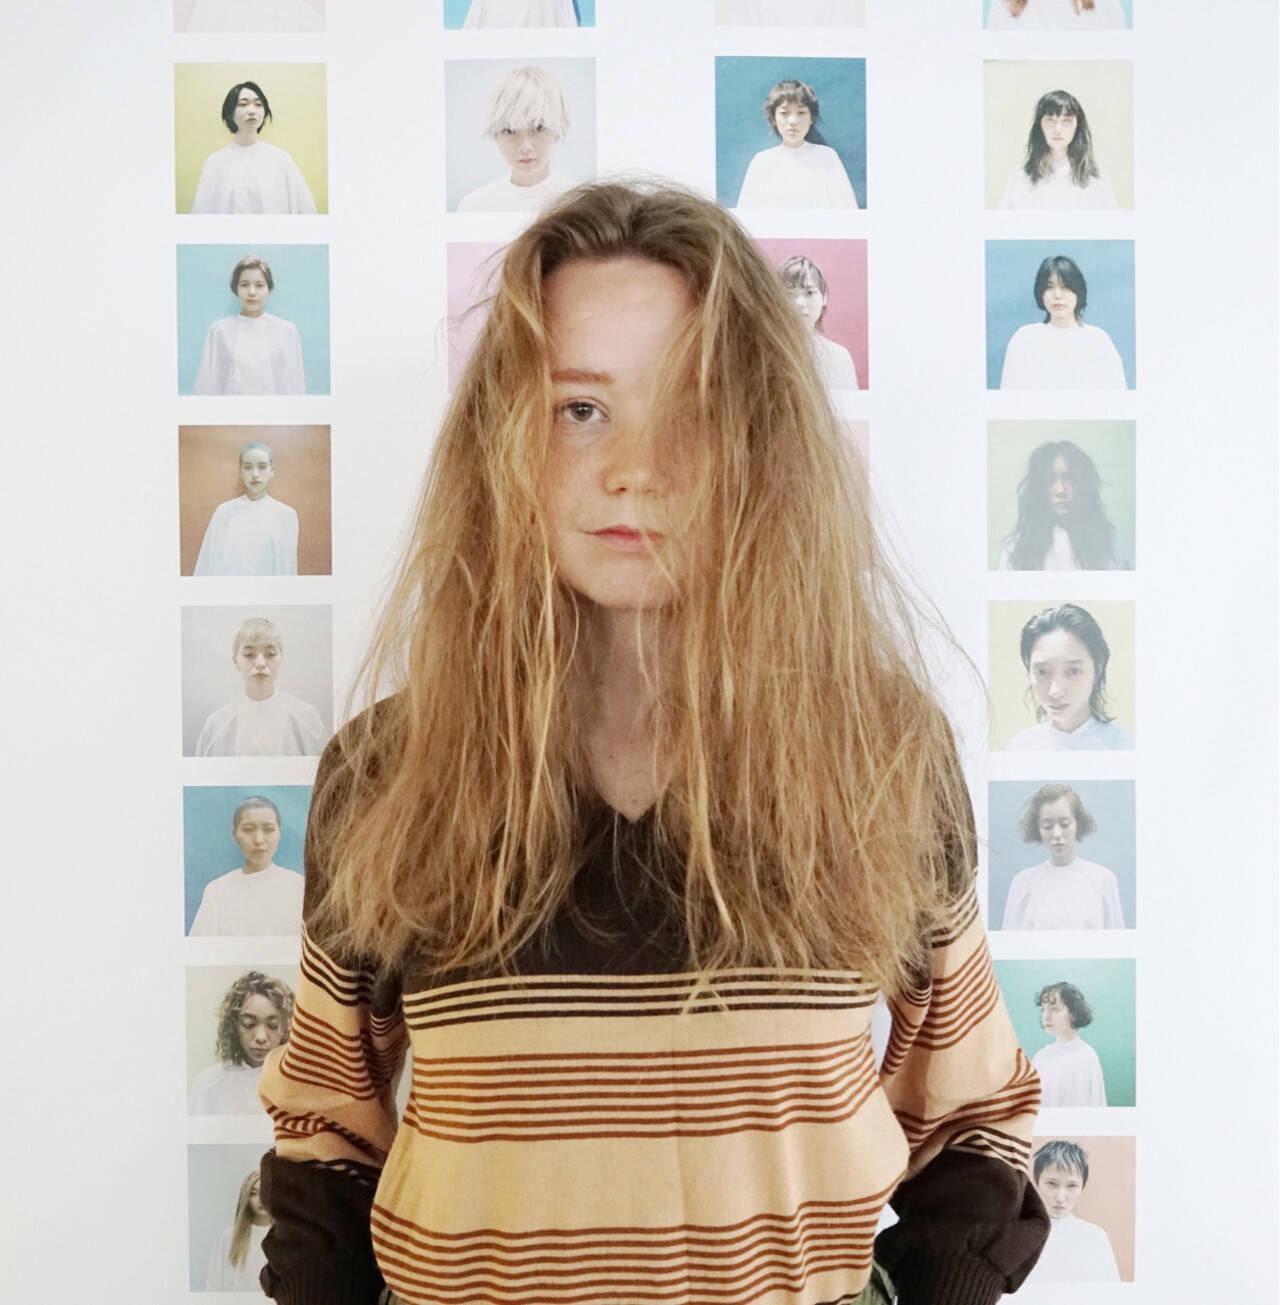 ウェーブ 外国人風 ヘアアレンジ ふわふわヘアスタイルや髪型の写真・画像